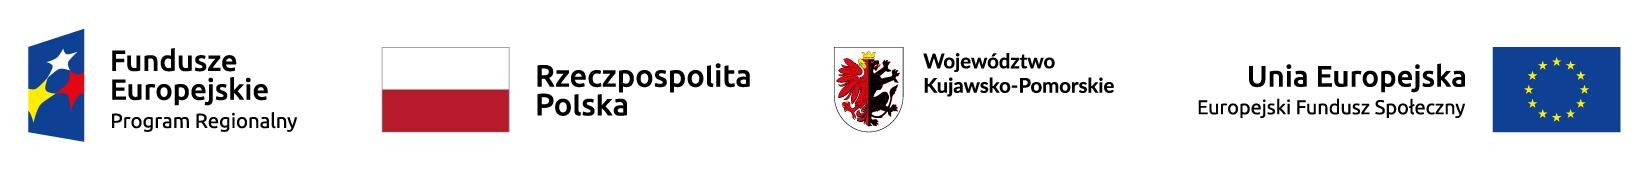 Leśny dom seniora - projekty unijne